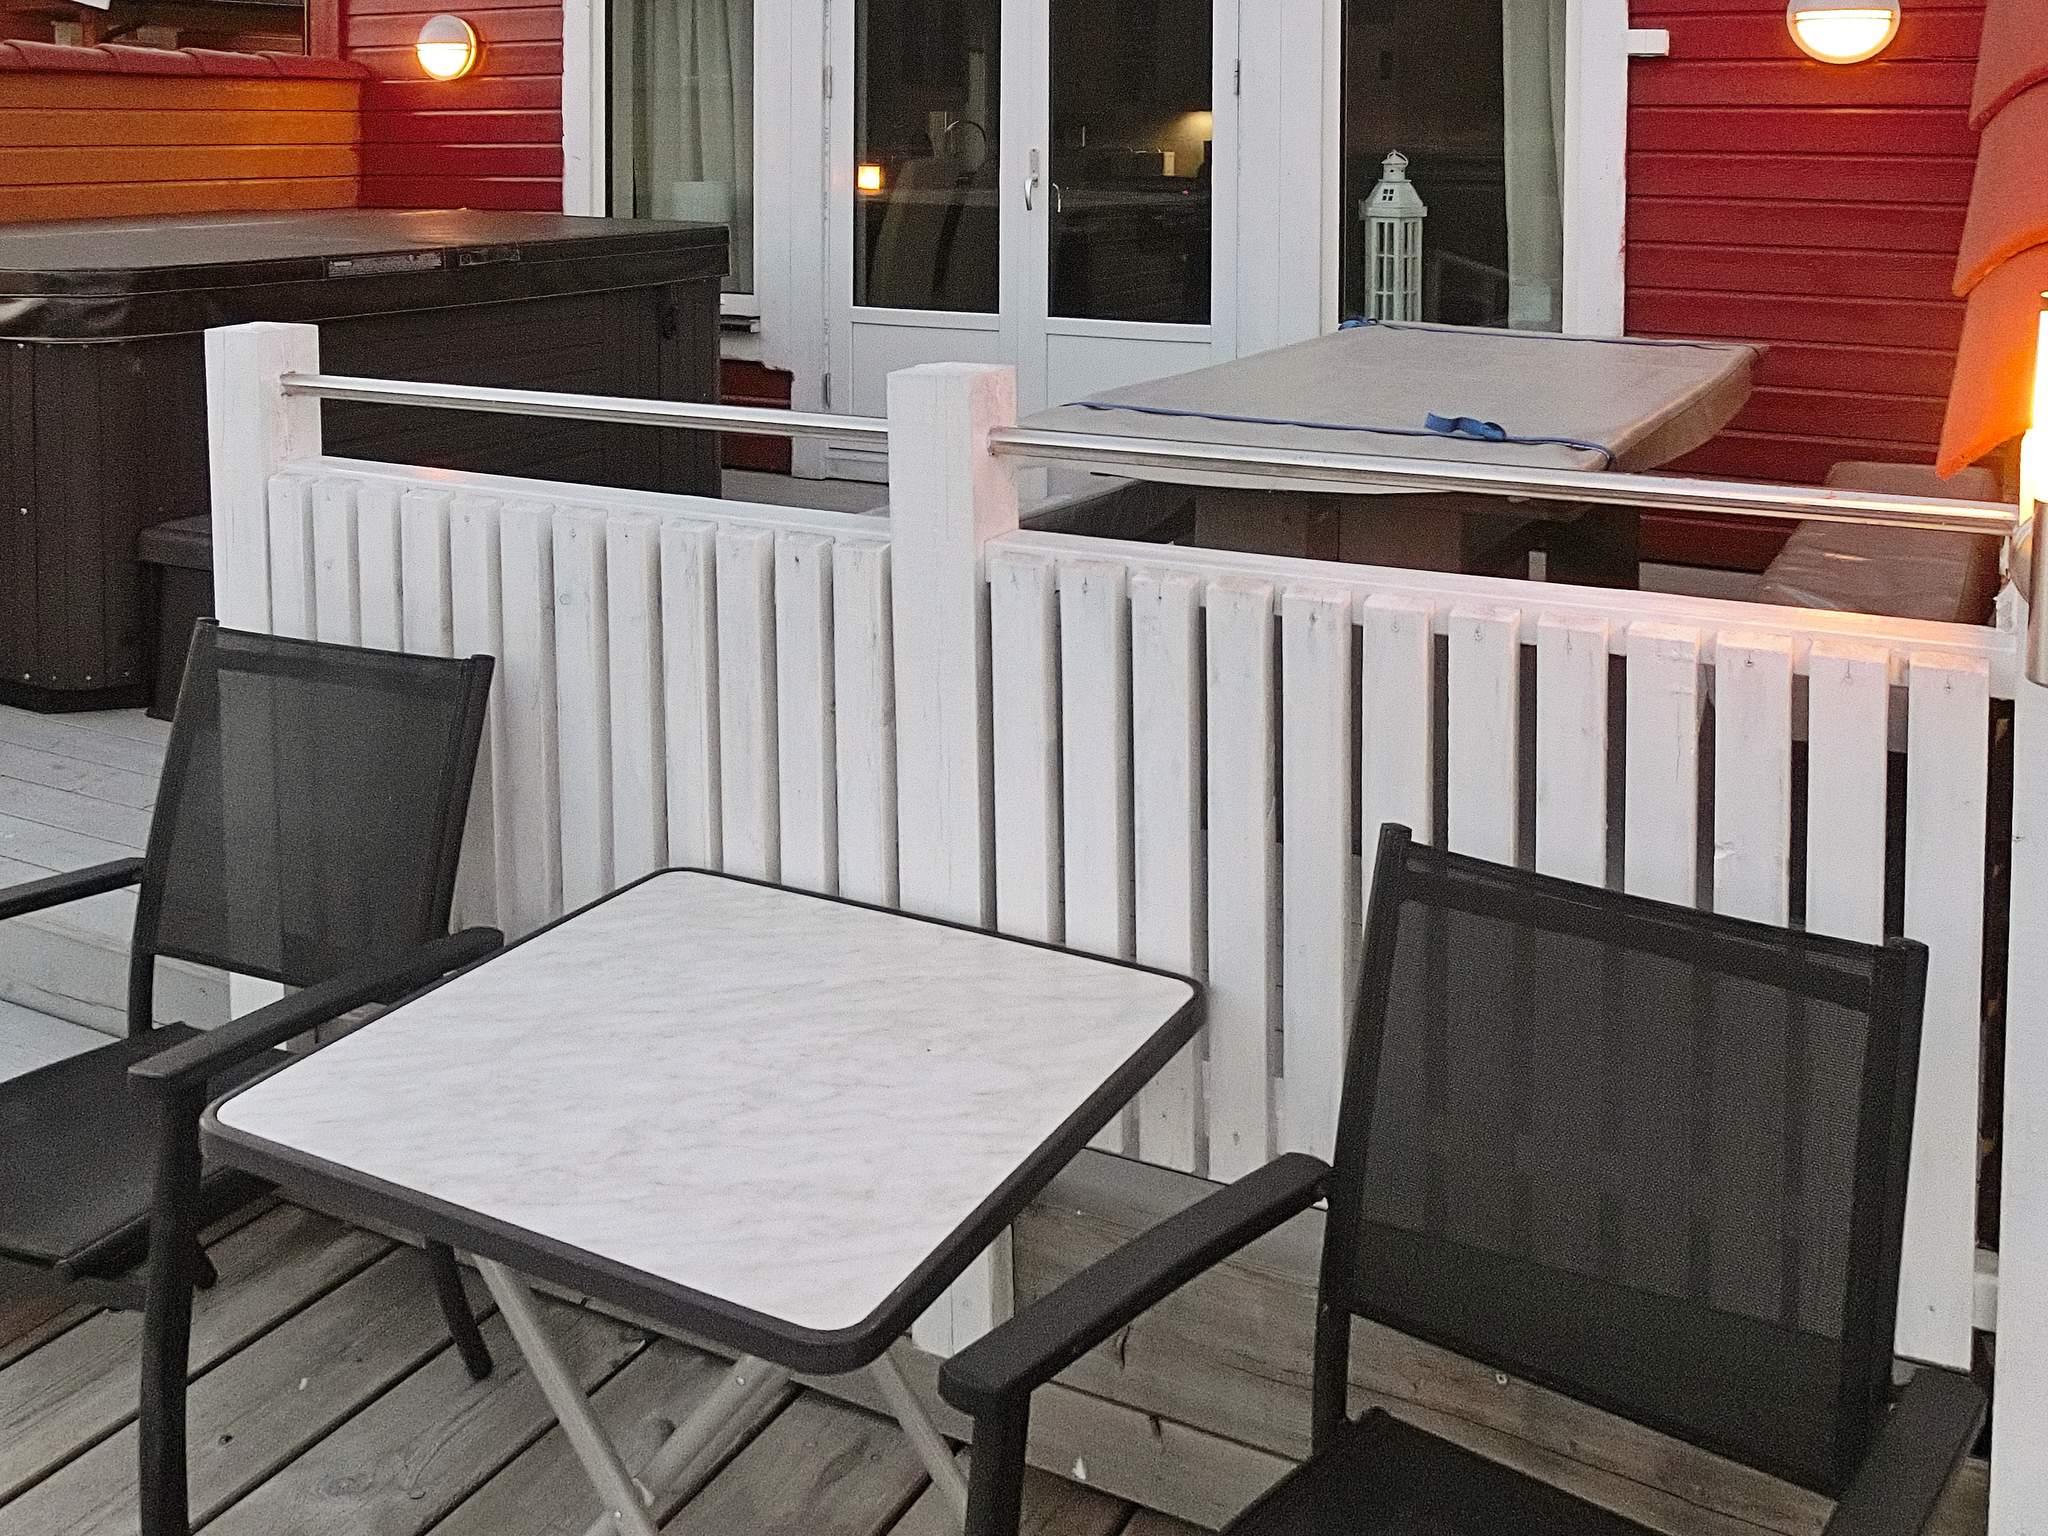 Ferienhaus Haugsbygda (479853), Haugsbygda, More - Romsdal, Westnorwegen, Norwegen, Bild 23